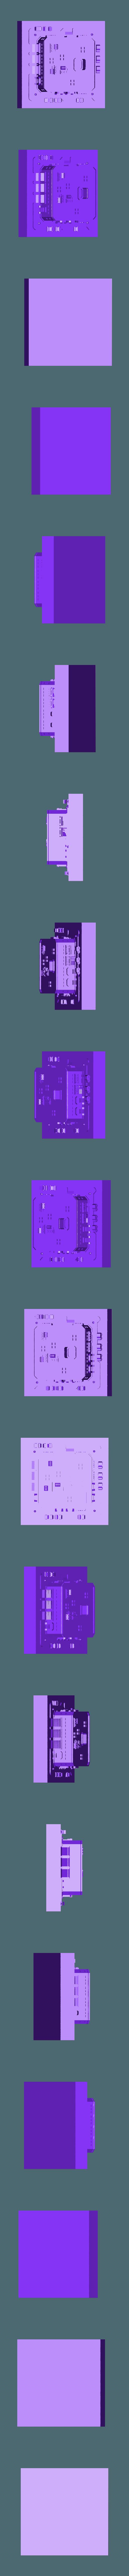 small1.stl Télécharger fichier STL gratuit Bâtiments de procédure • Design pour impression 3D, ferjerez3d